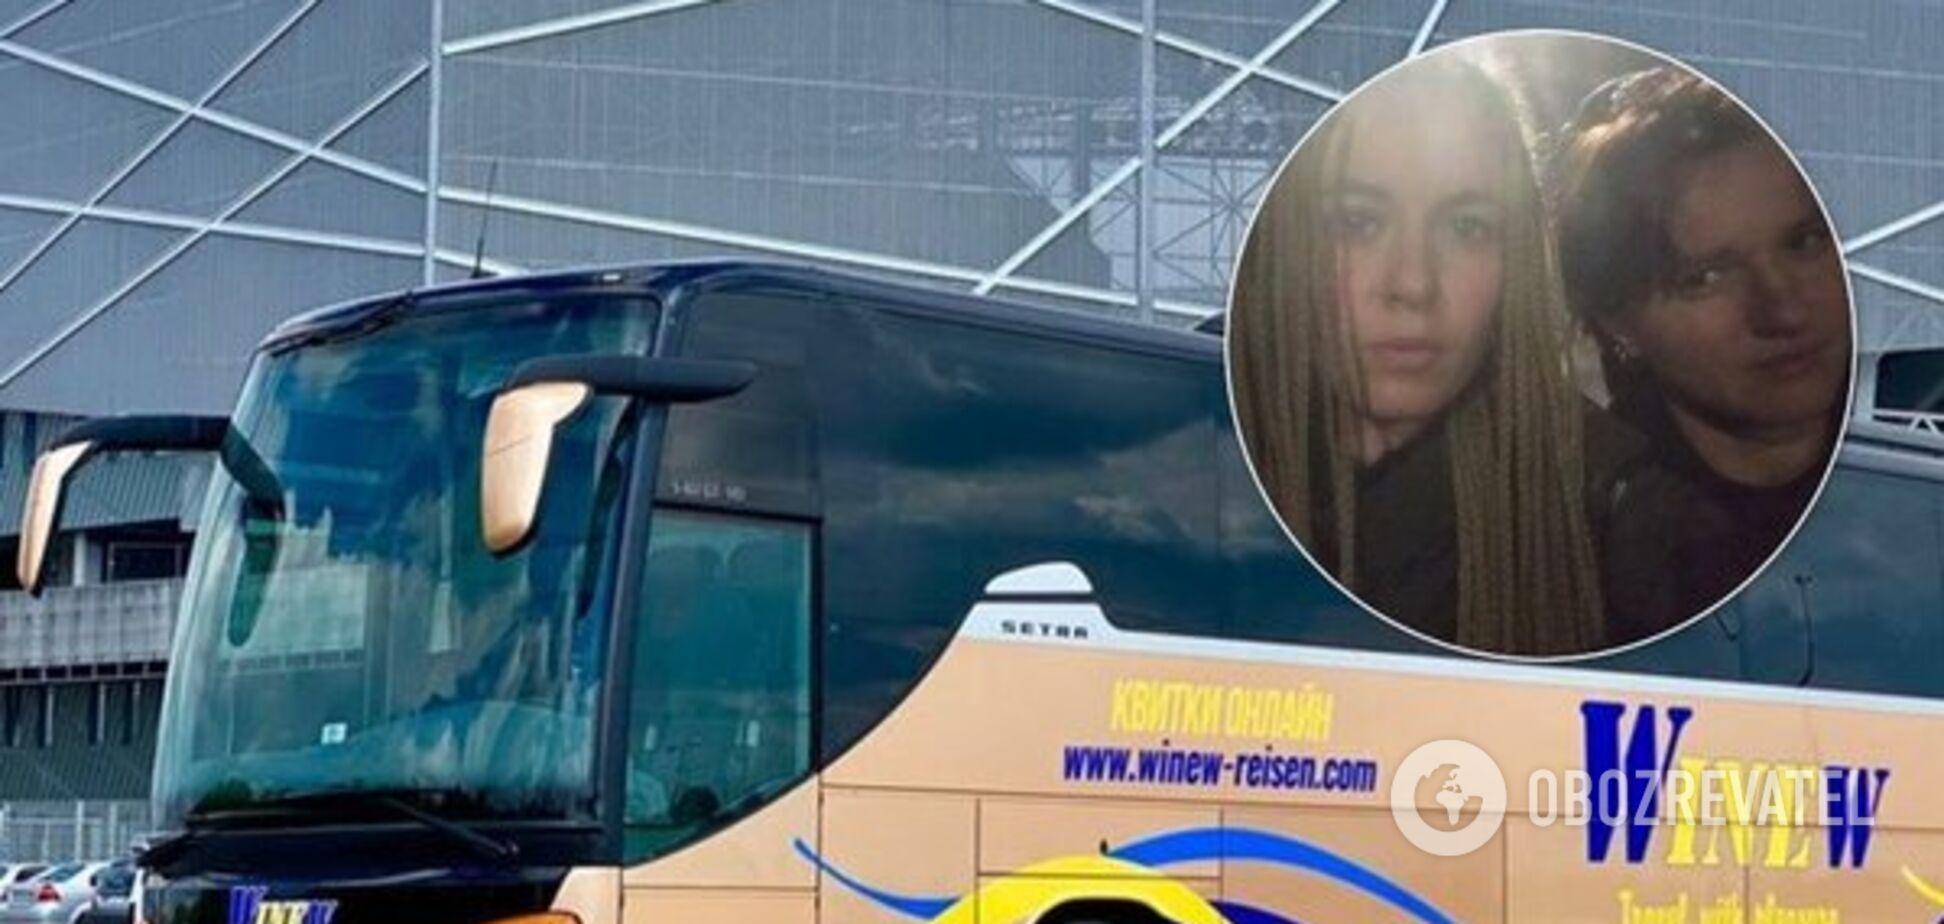 'Чего ревешь? Никому не интересно!' Стала известна судьба хамов-водителей из автобуса с российским кино